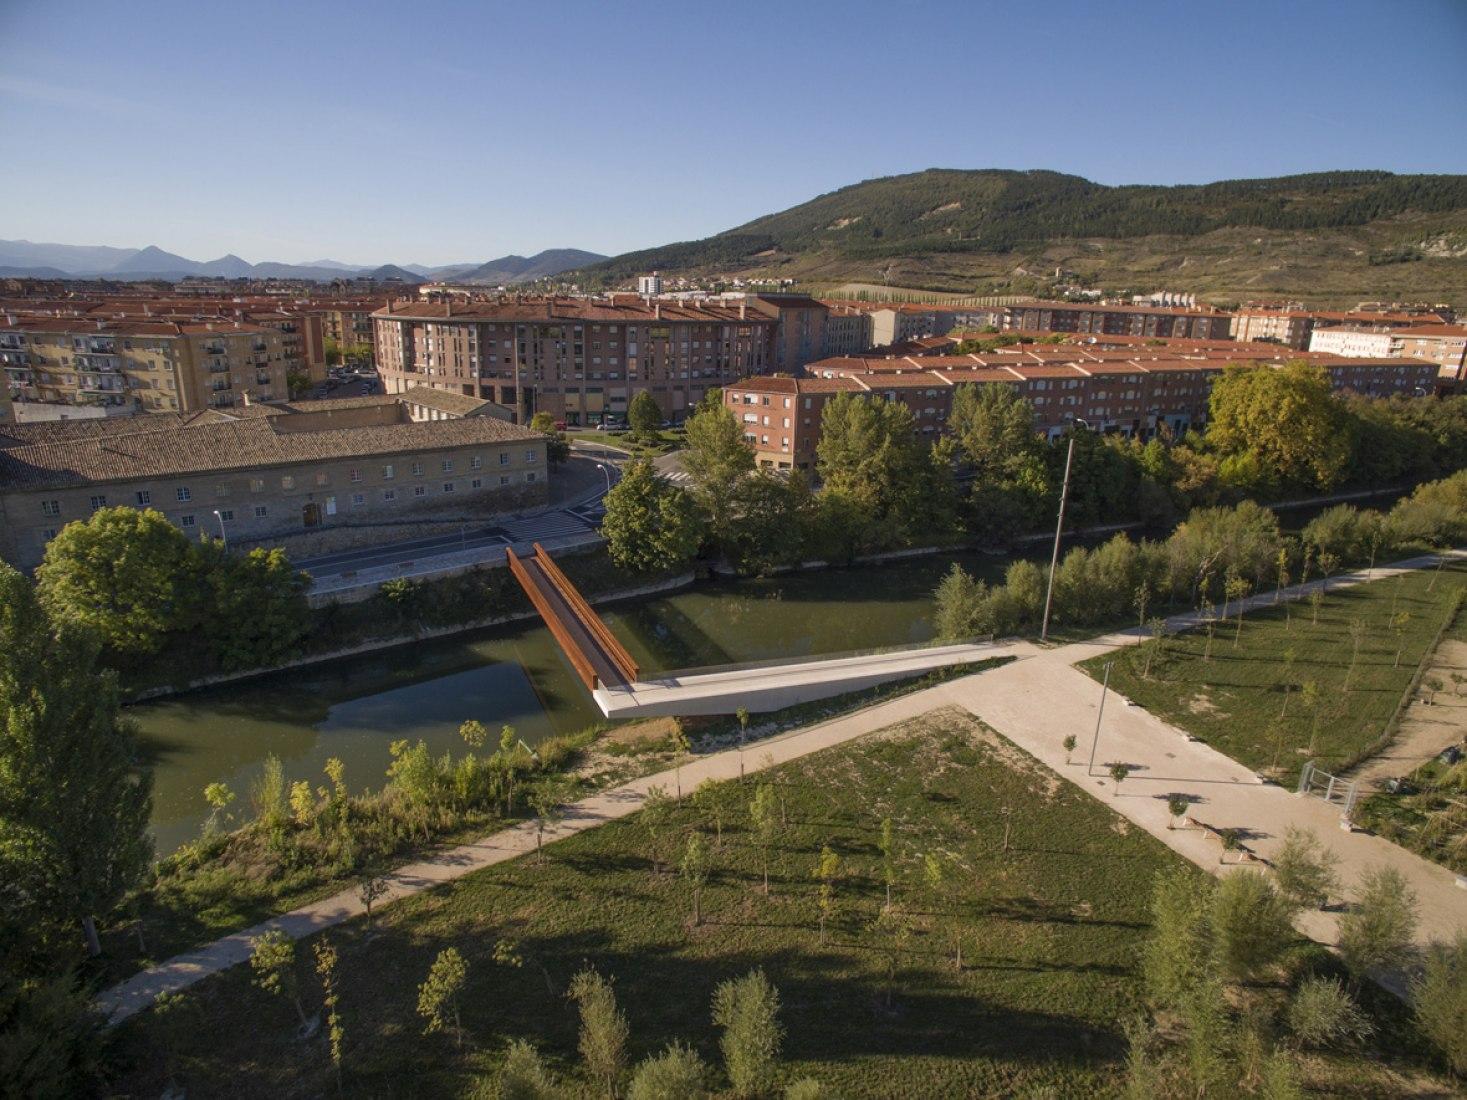 Vista aérea de la pasarela peatonal en el Parque de Aranzadi por Peralta Ayesa arquitectos. Fotografía © Eduardo Berián / Hidrone.